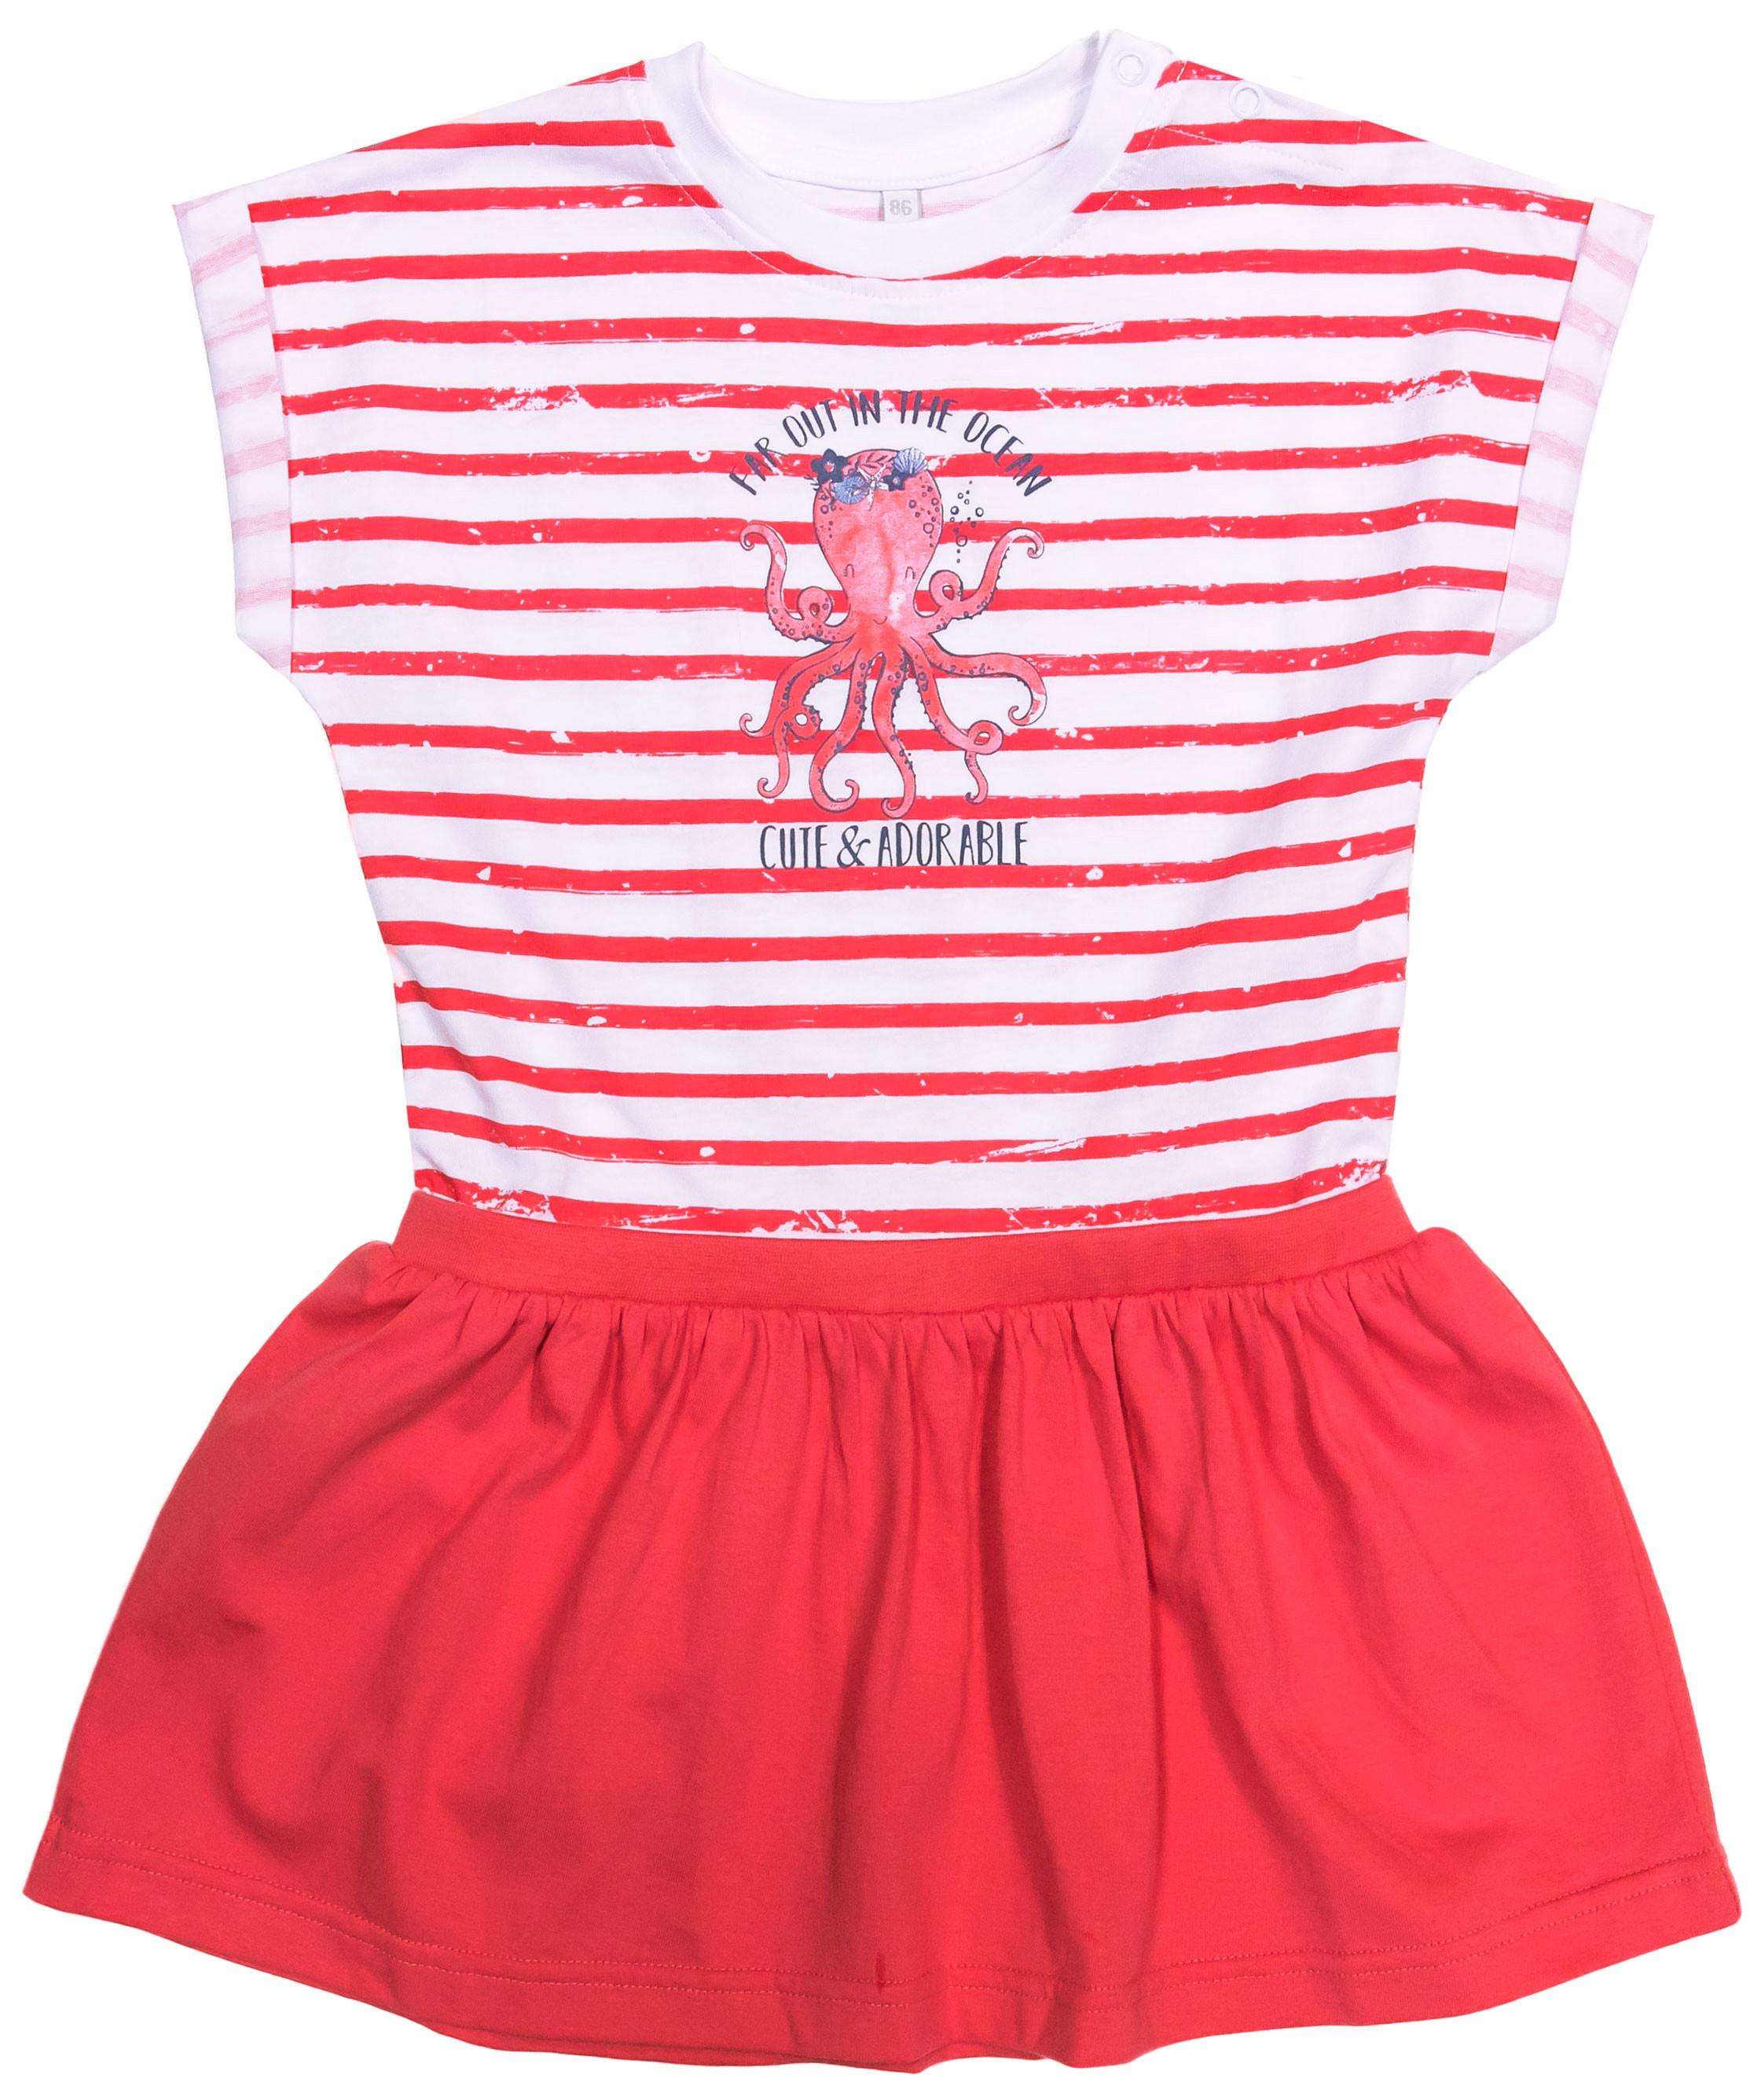 Платье Barkito Морская принцесса 911015 X420 75 блузка детская barkito морская принцесса голубая